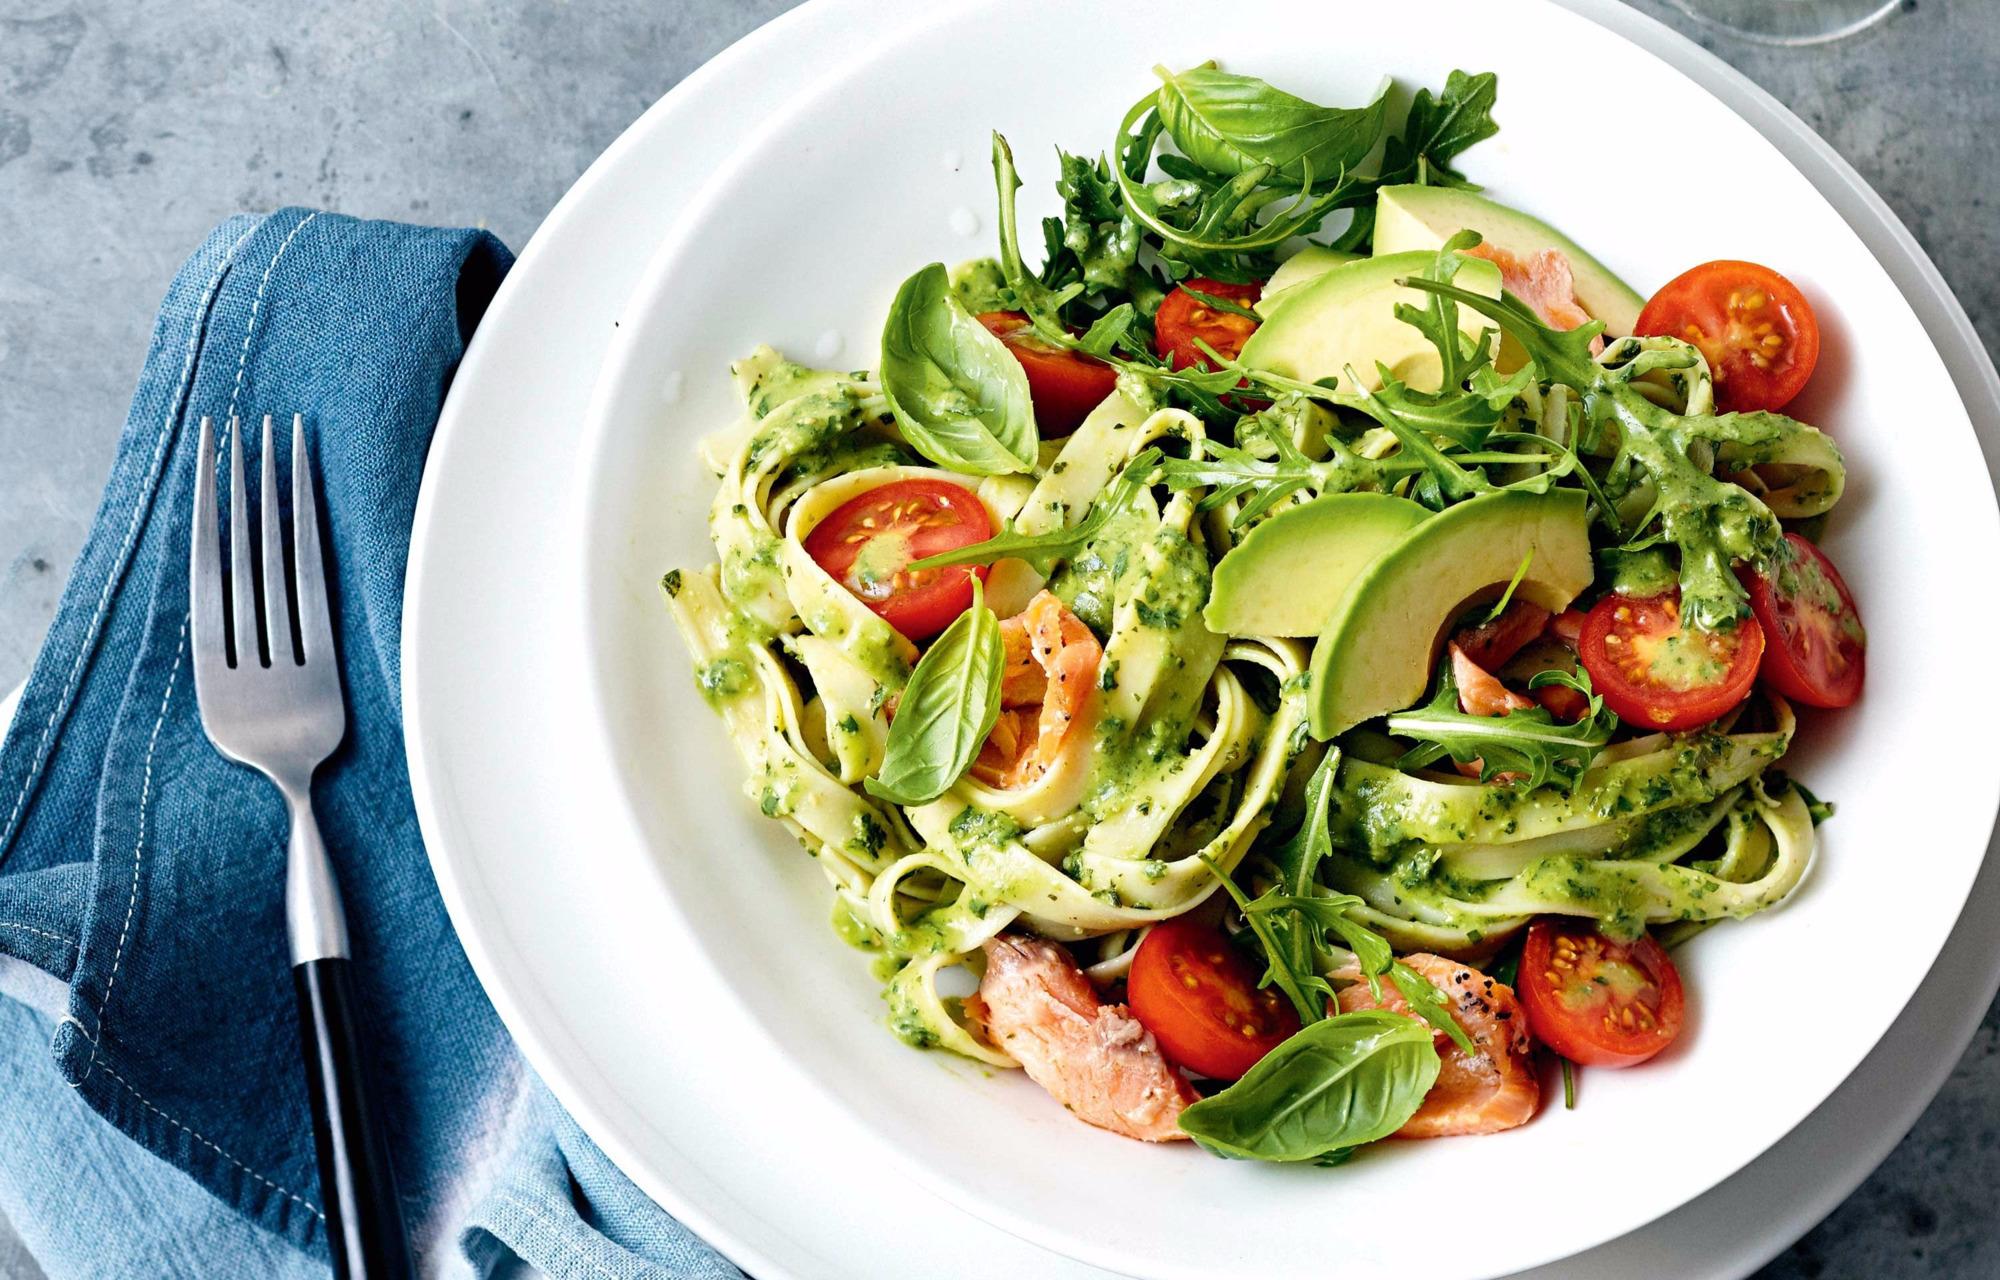 Картинки с рецептами салатов для правильного питания способны